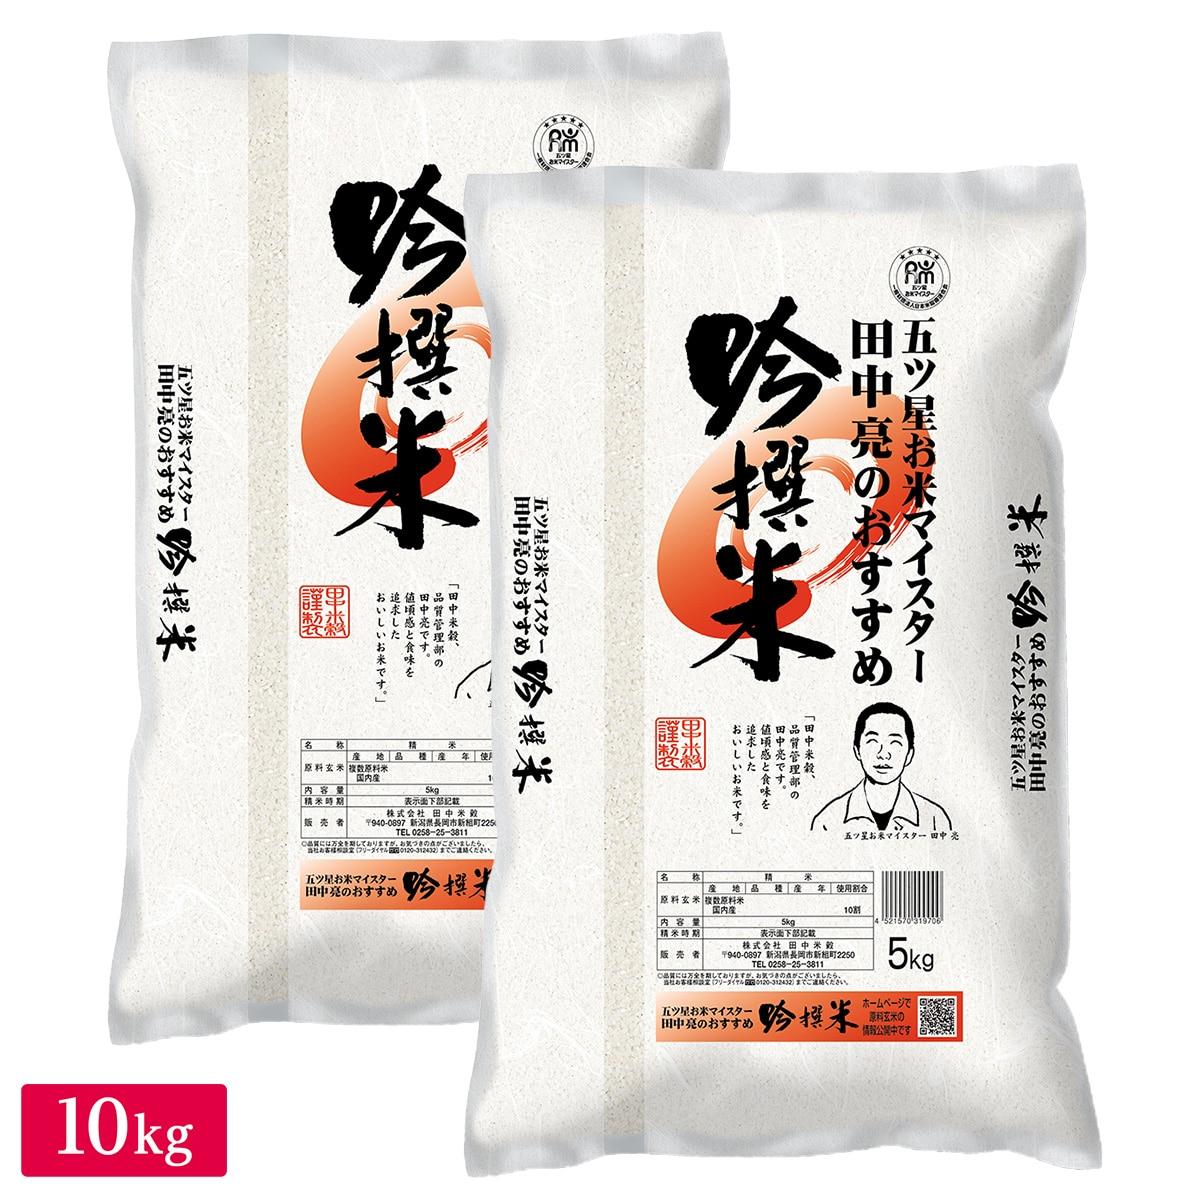 ■【精米】お米マイスター 田中亮おすすめ 吟撰米 10kg(5kg×2)